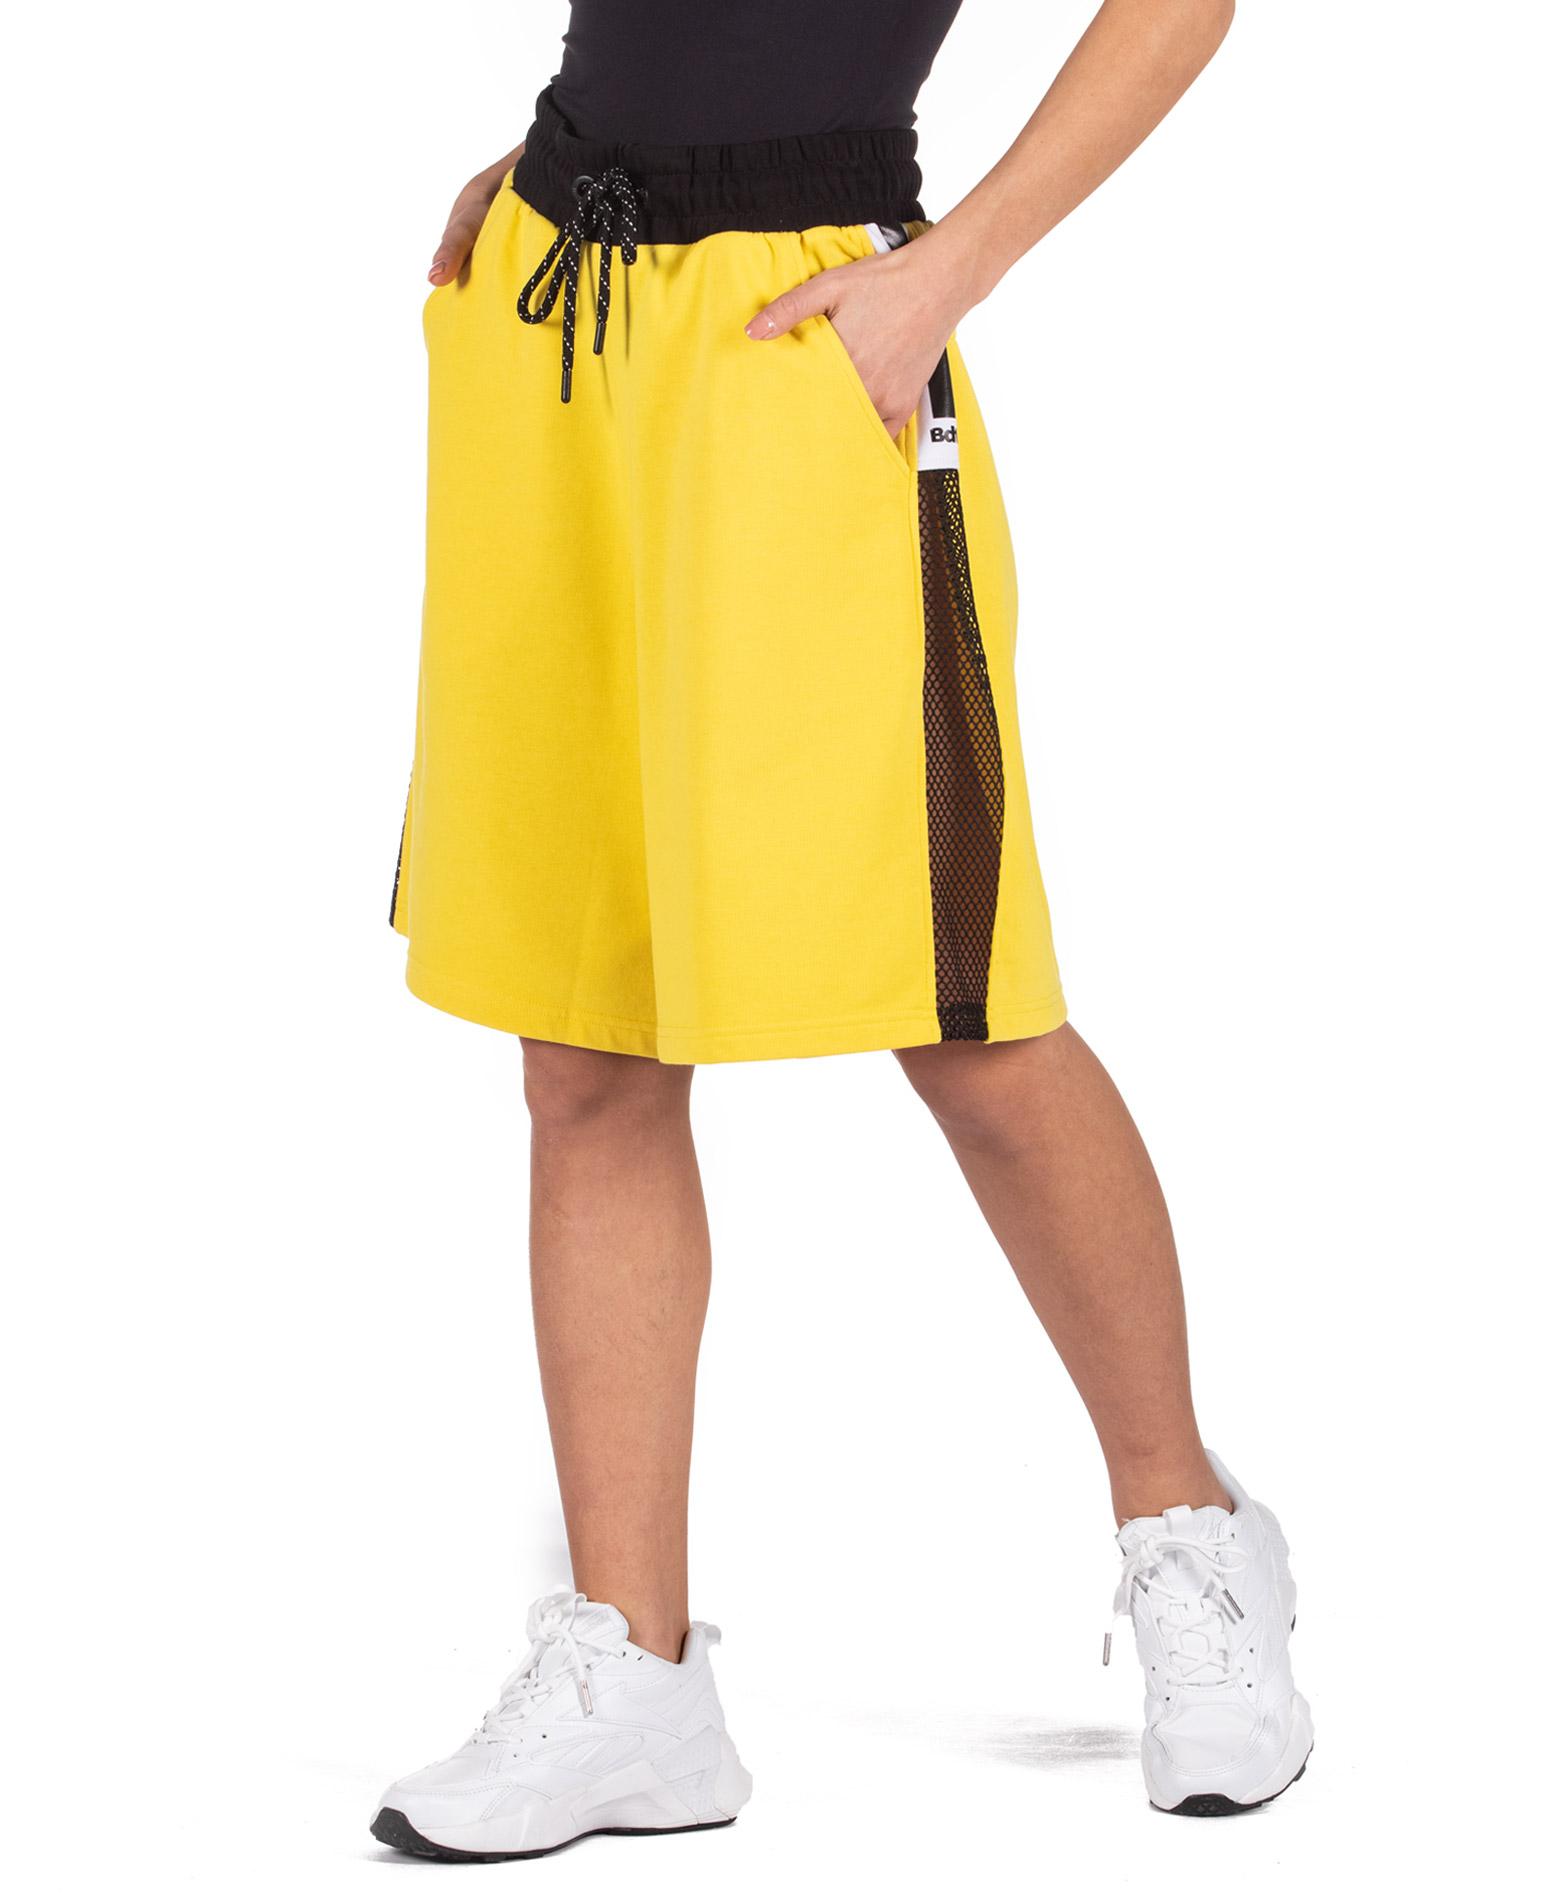 BODYTALK 1201-905004-00720 Κίτρινο